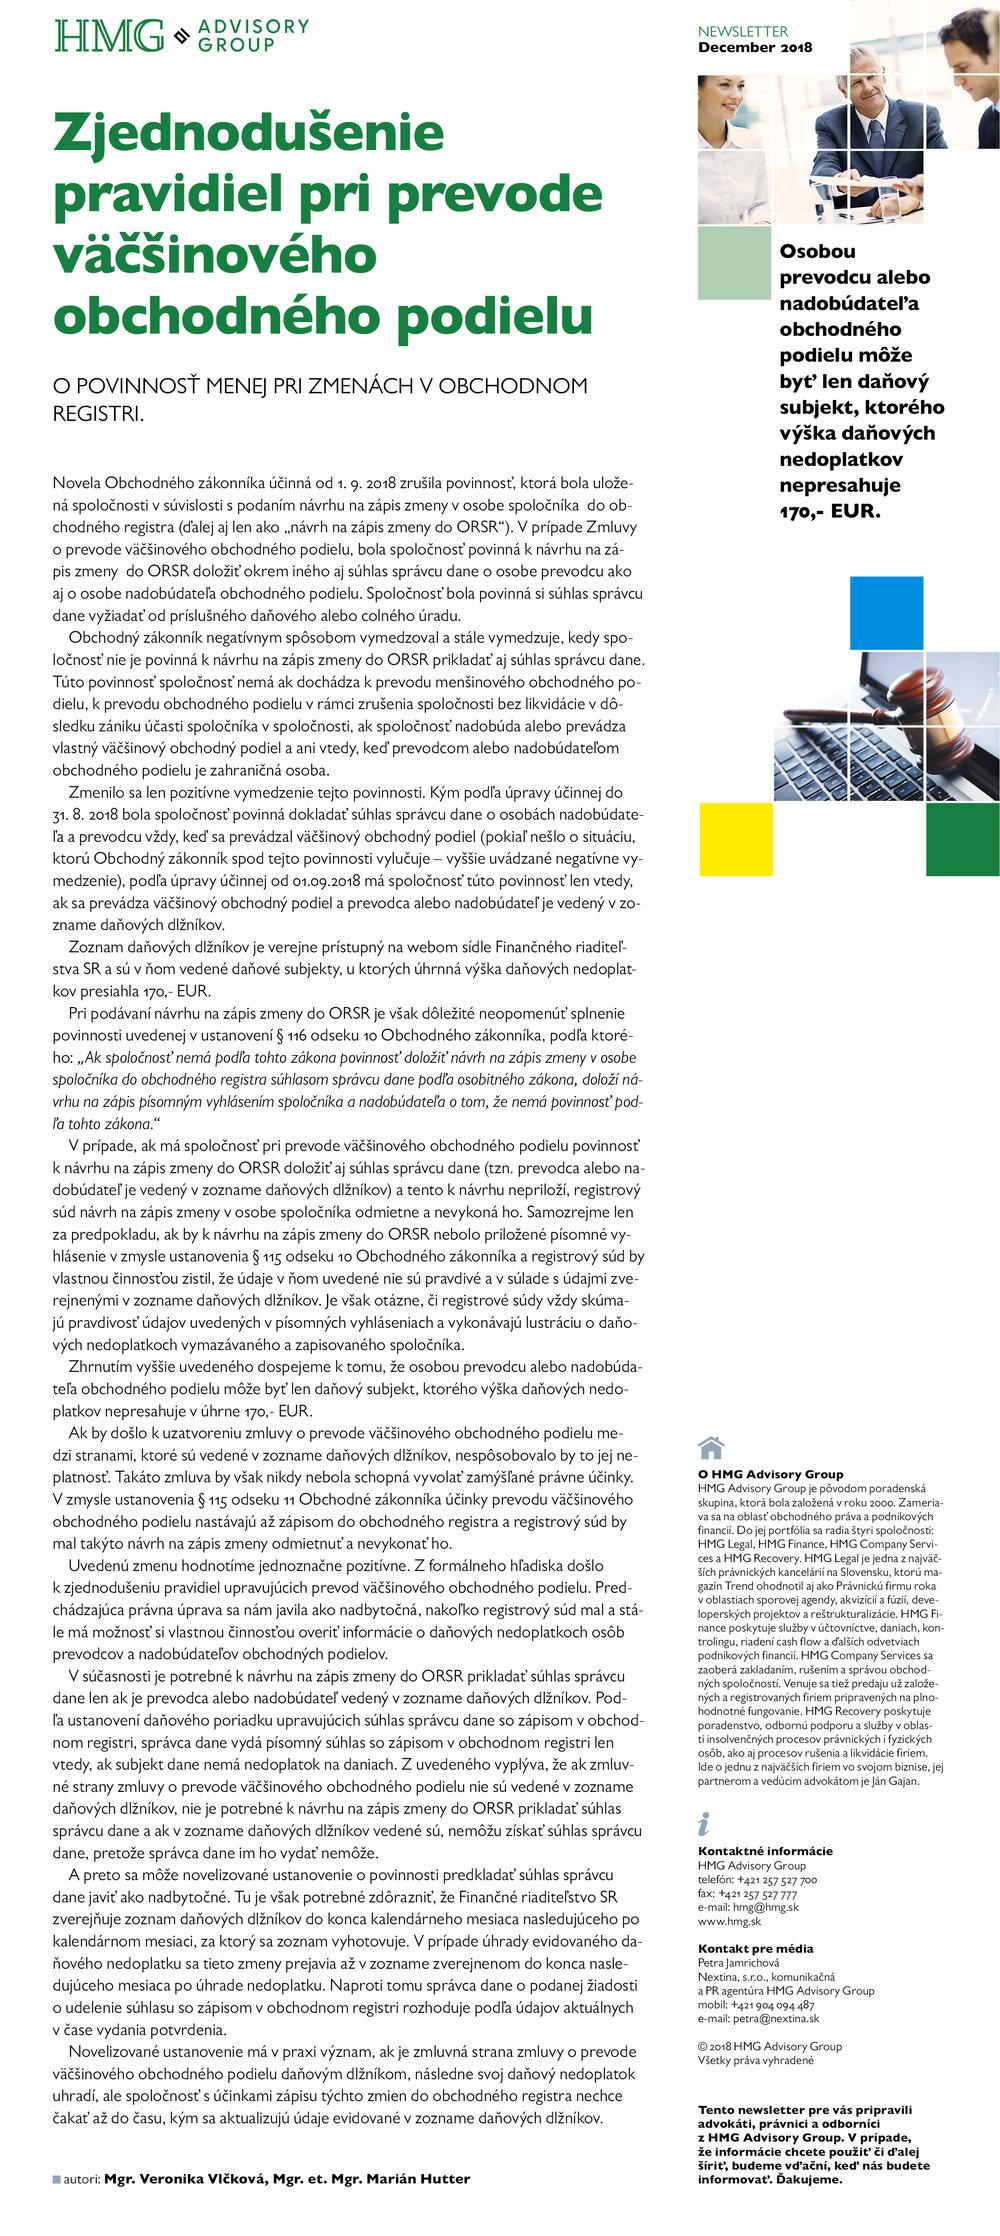 HMG_newsletter_obchodny podiel.jpg